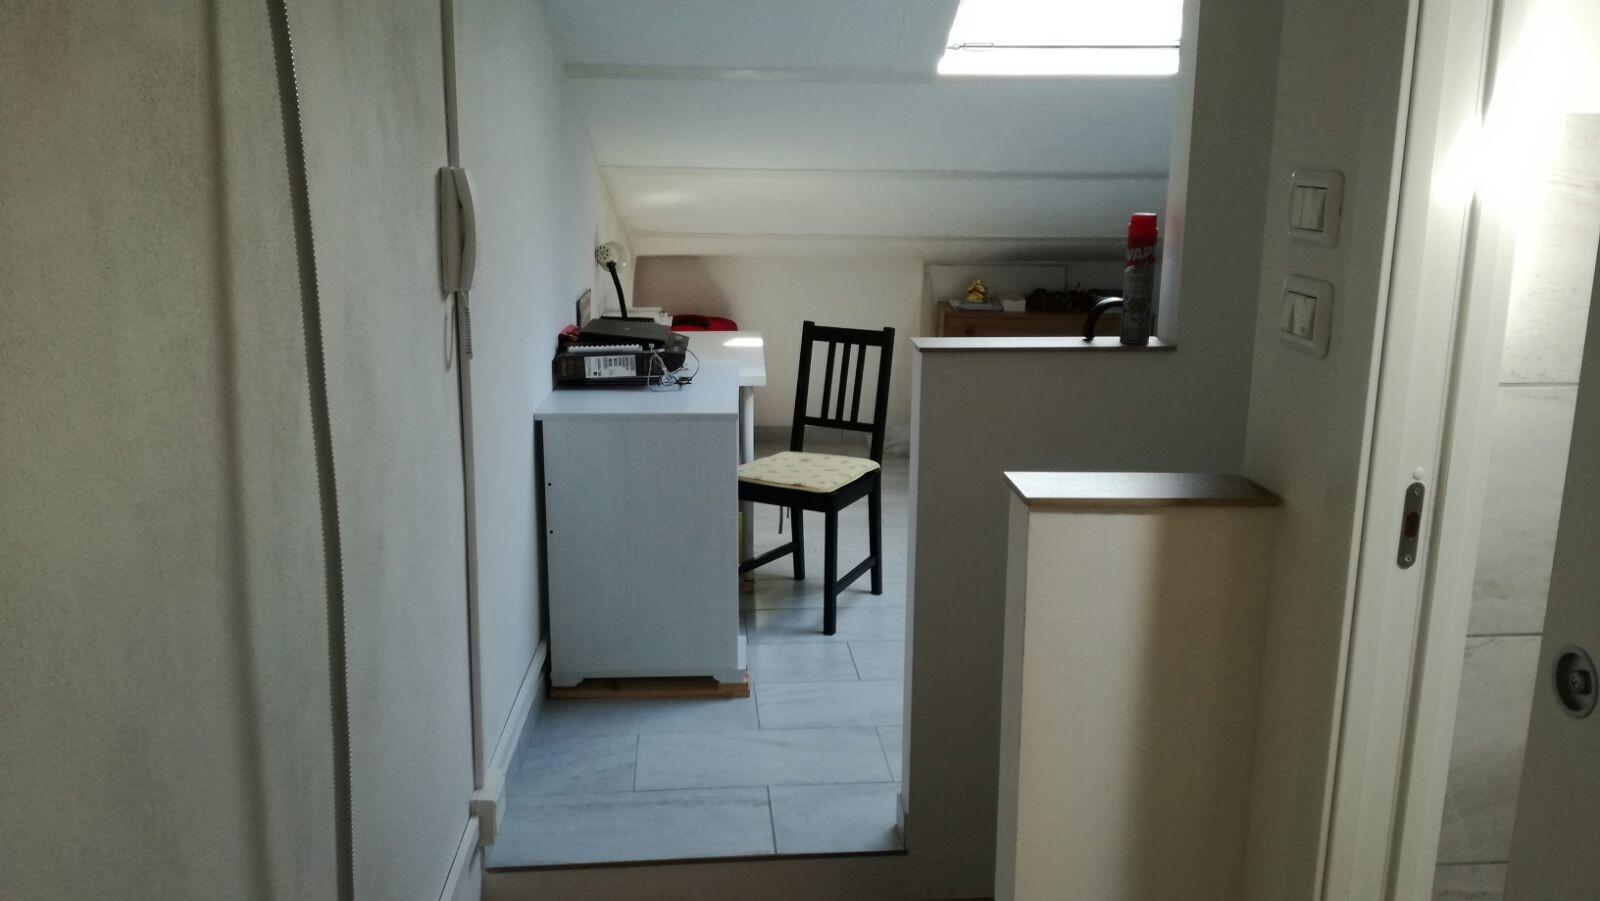 Camera con bagno in appartamento di 120 mq stanze in - Bagno di 4 mq ...